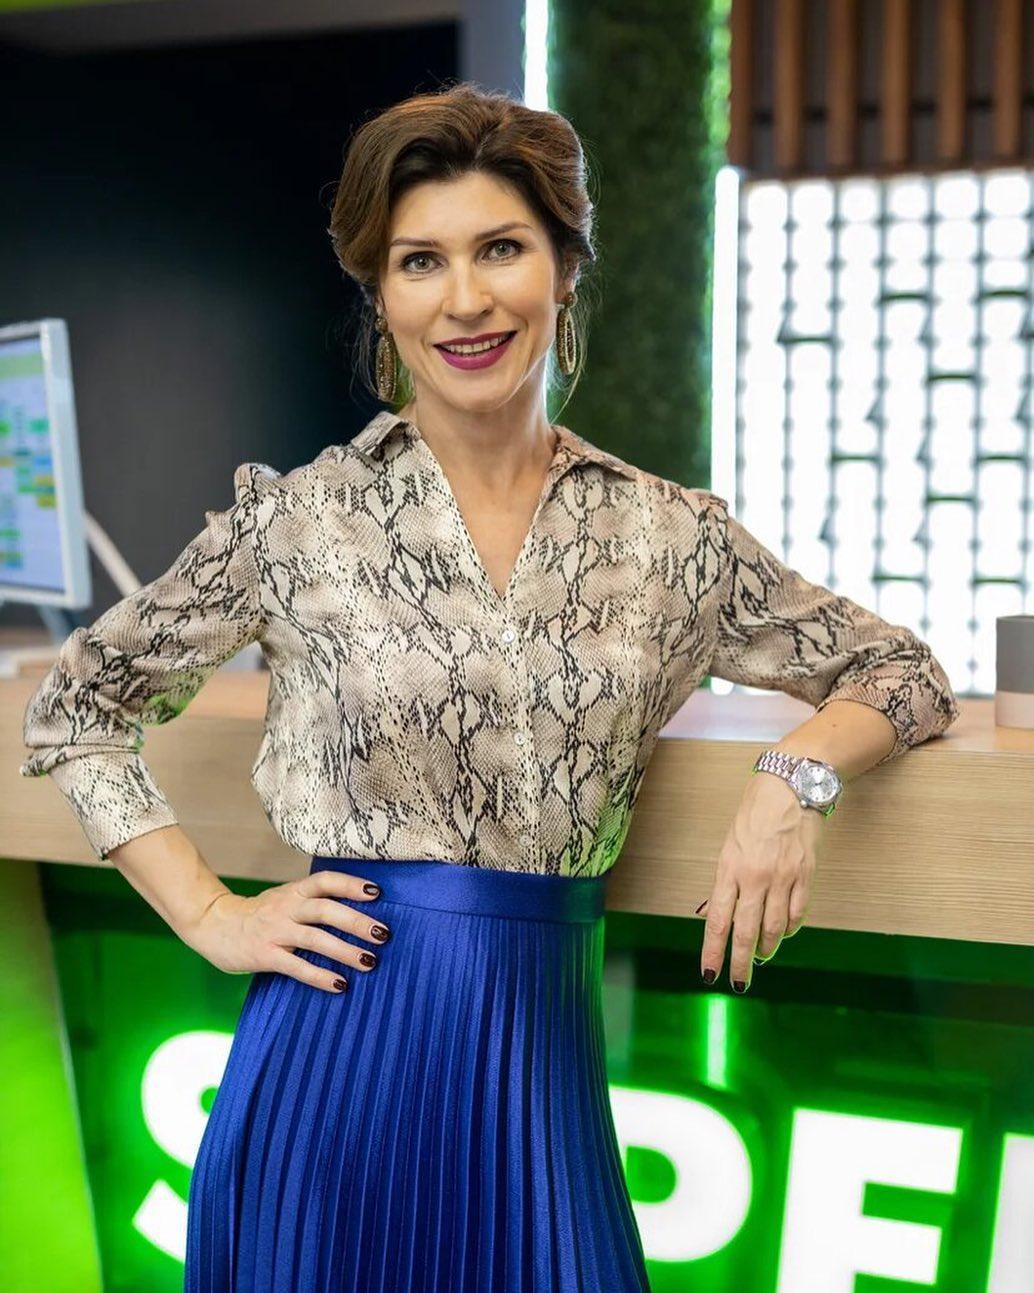 Светлана Камынина, которая в 41 выглядит прекрасно 🤗